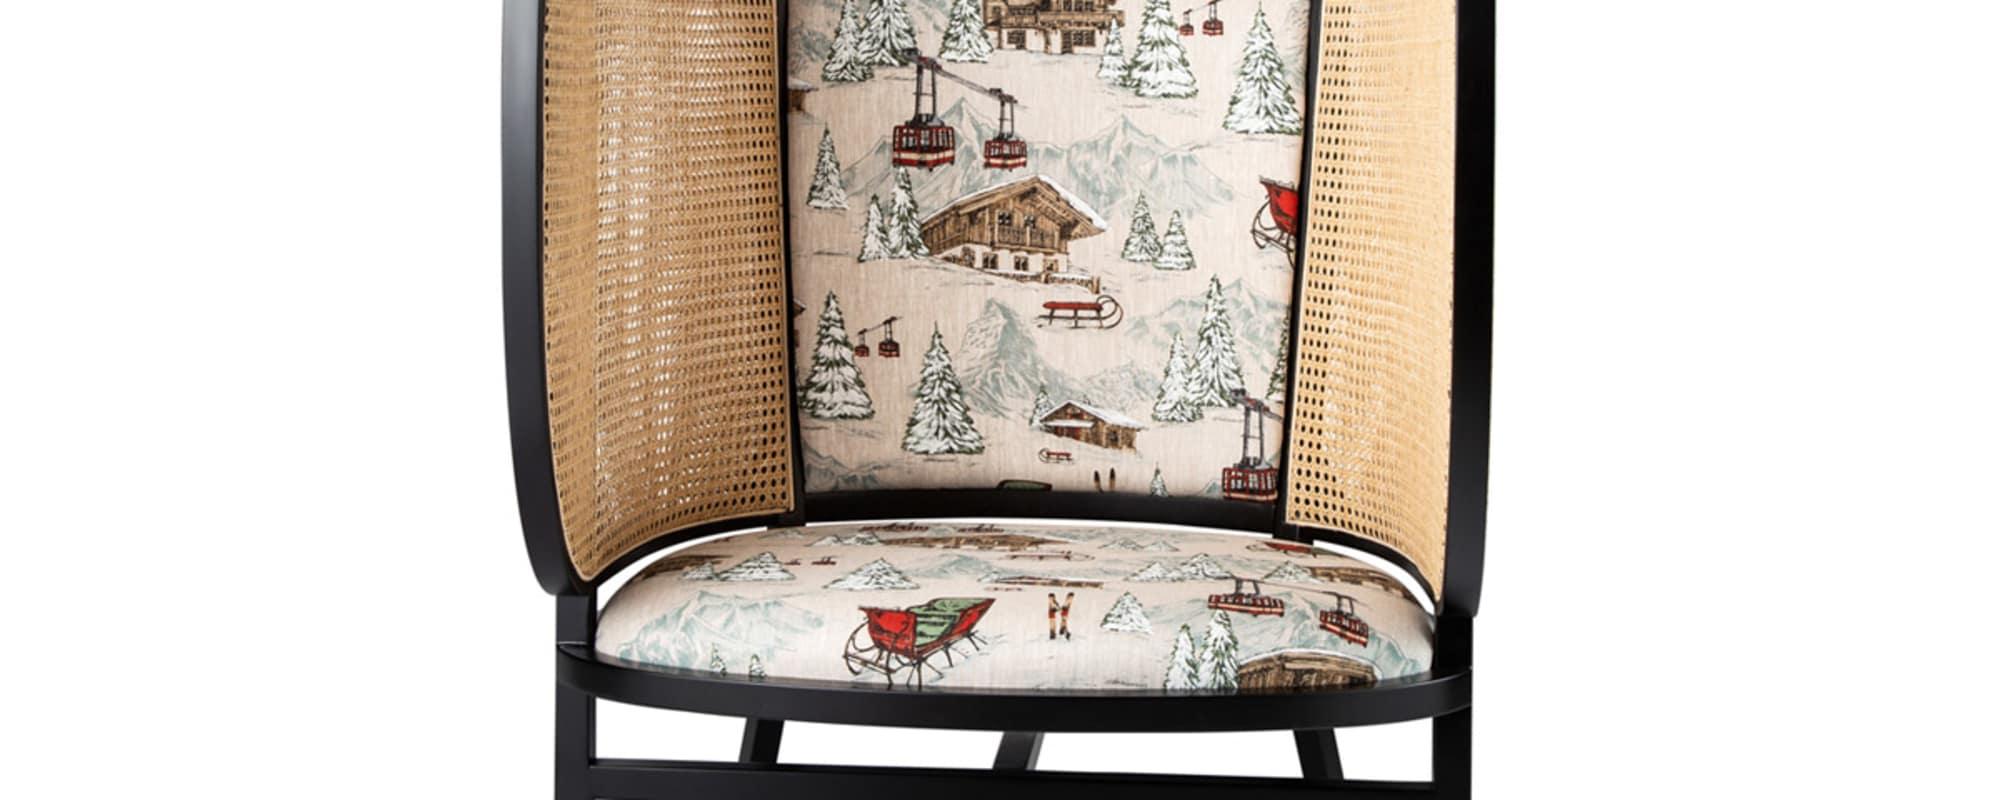 Gebrüder Thonet Vienna, Sessel, Weihnachten, Christmas, Front